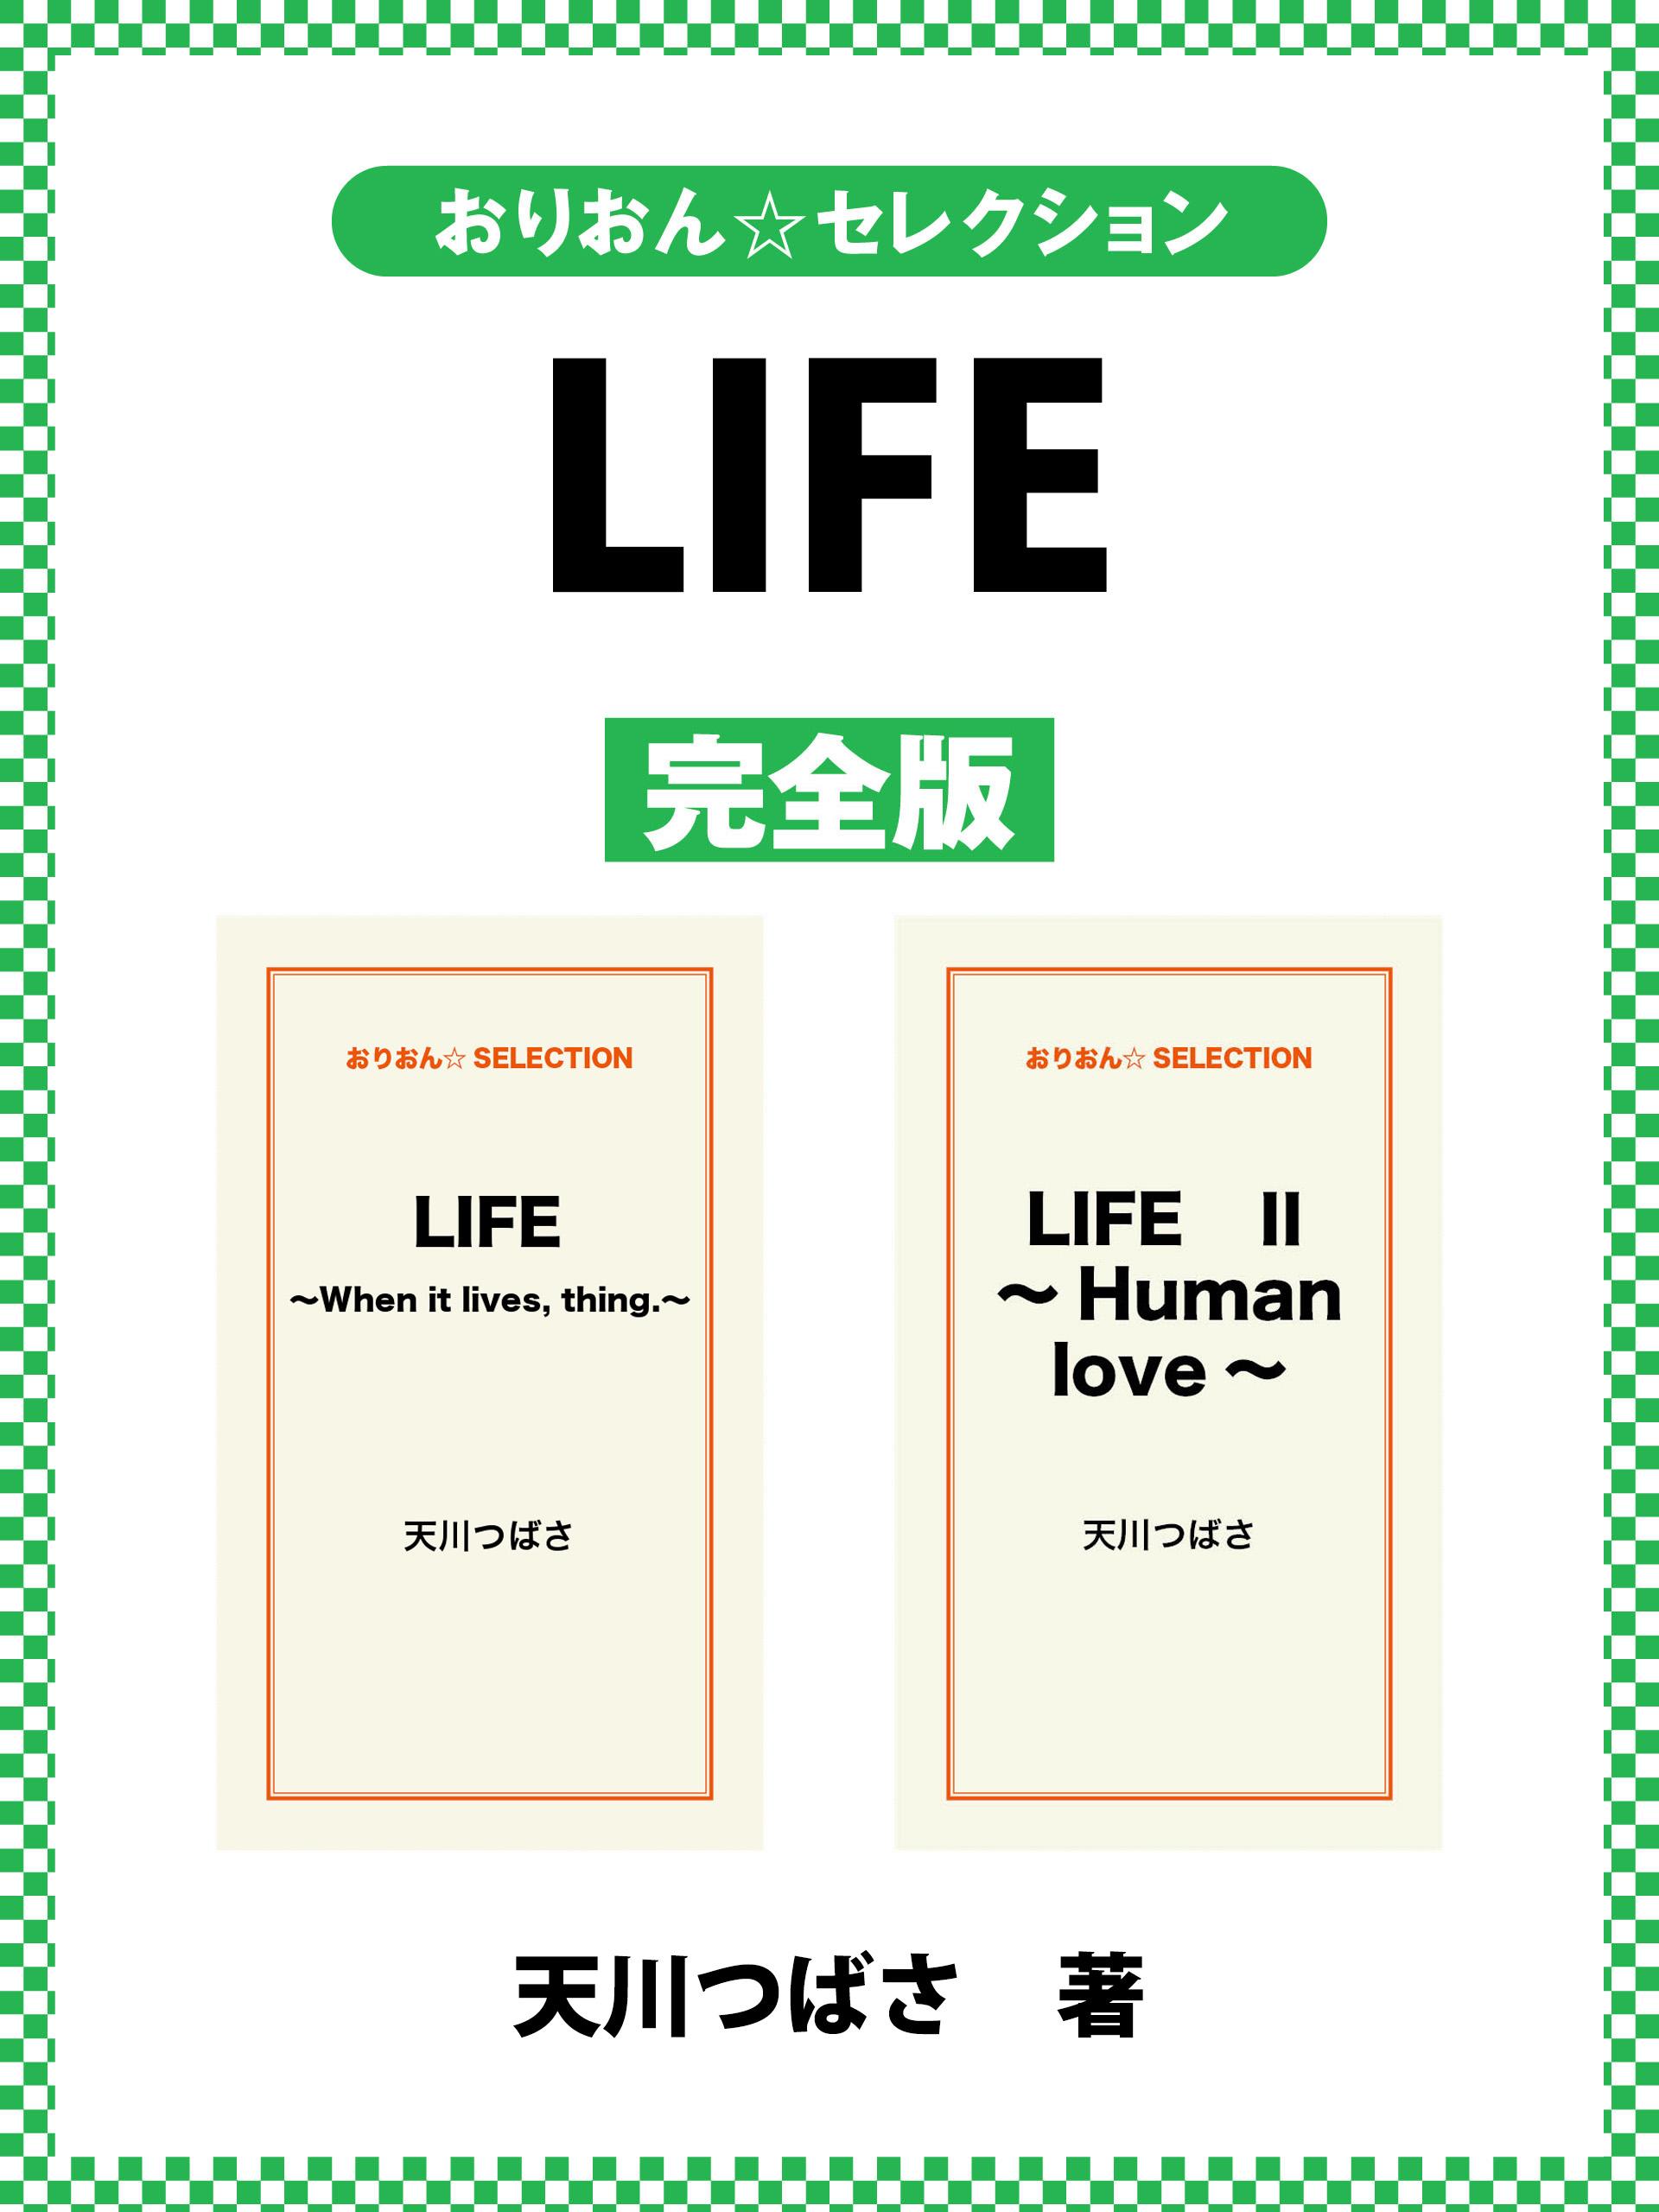 LIFE 完全版